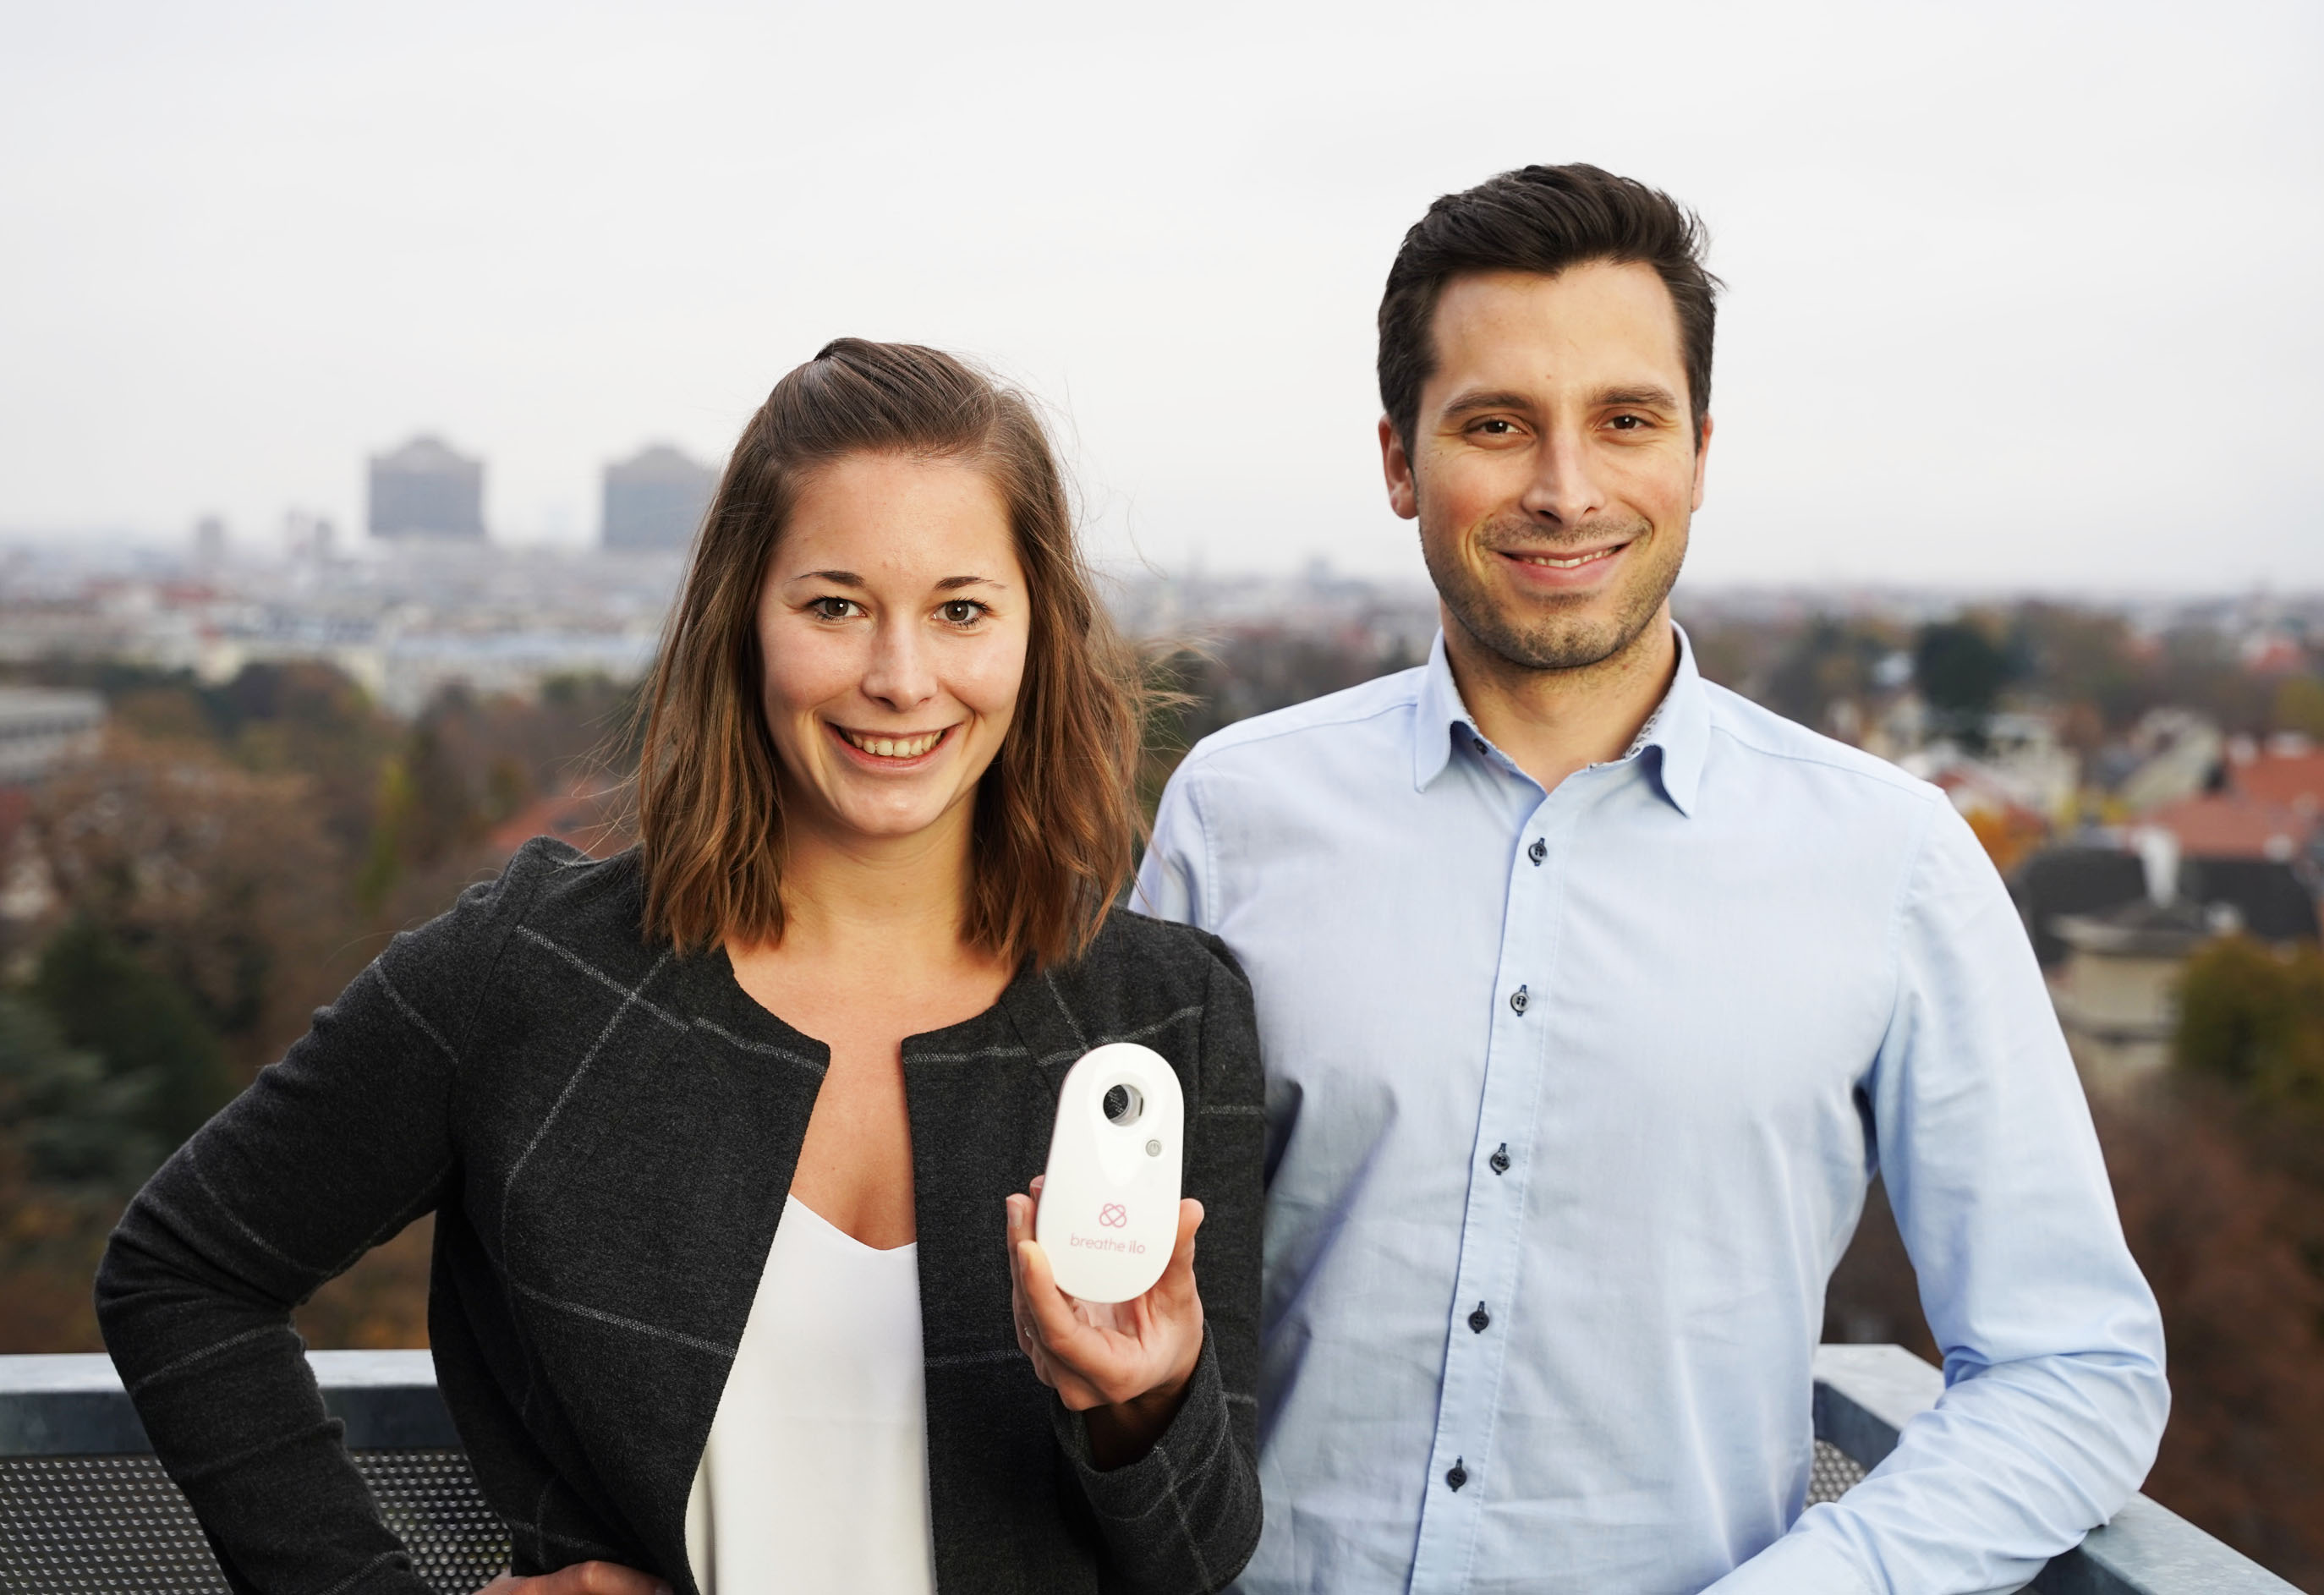 breathe ilo | Bastian Rüther, breathe ilo's CEO and Lisa Krapinger, CMO at breathe ilo